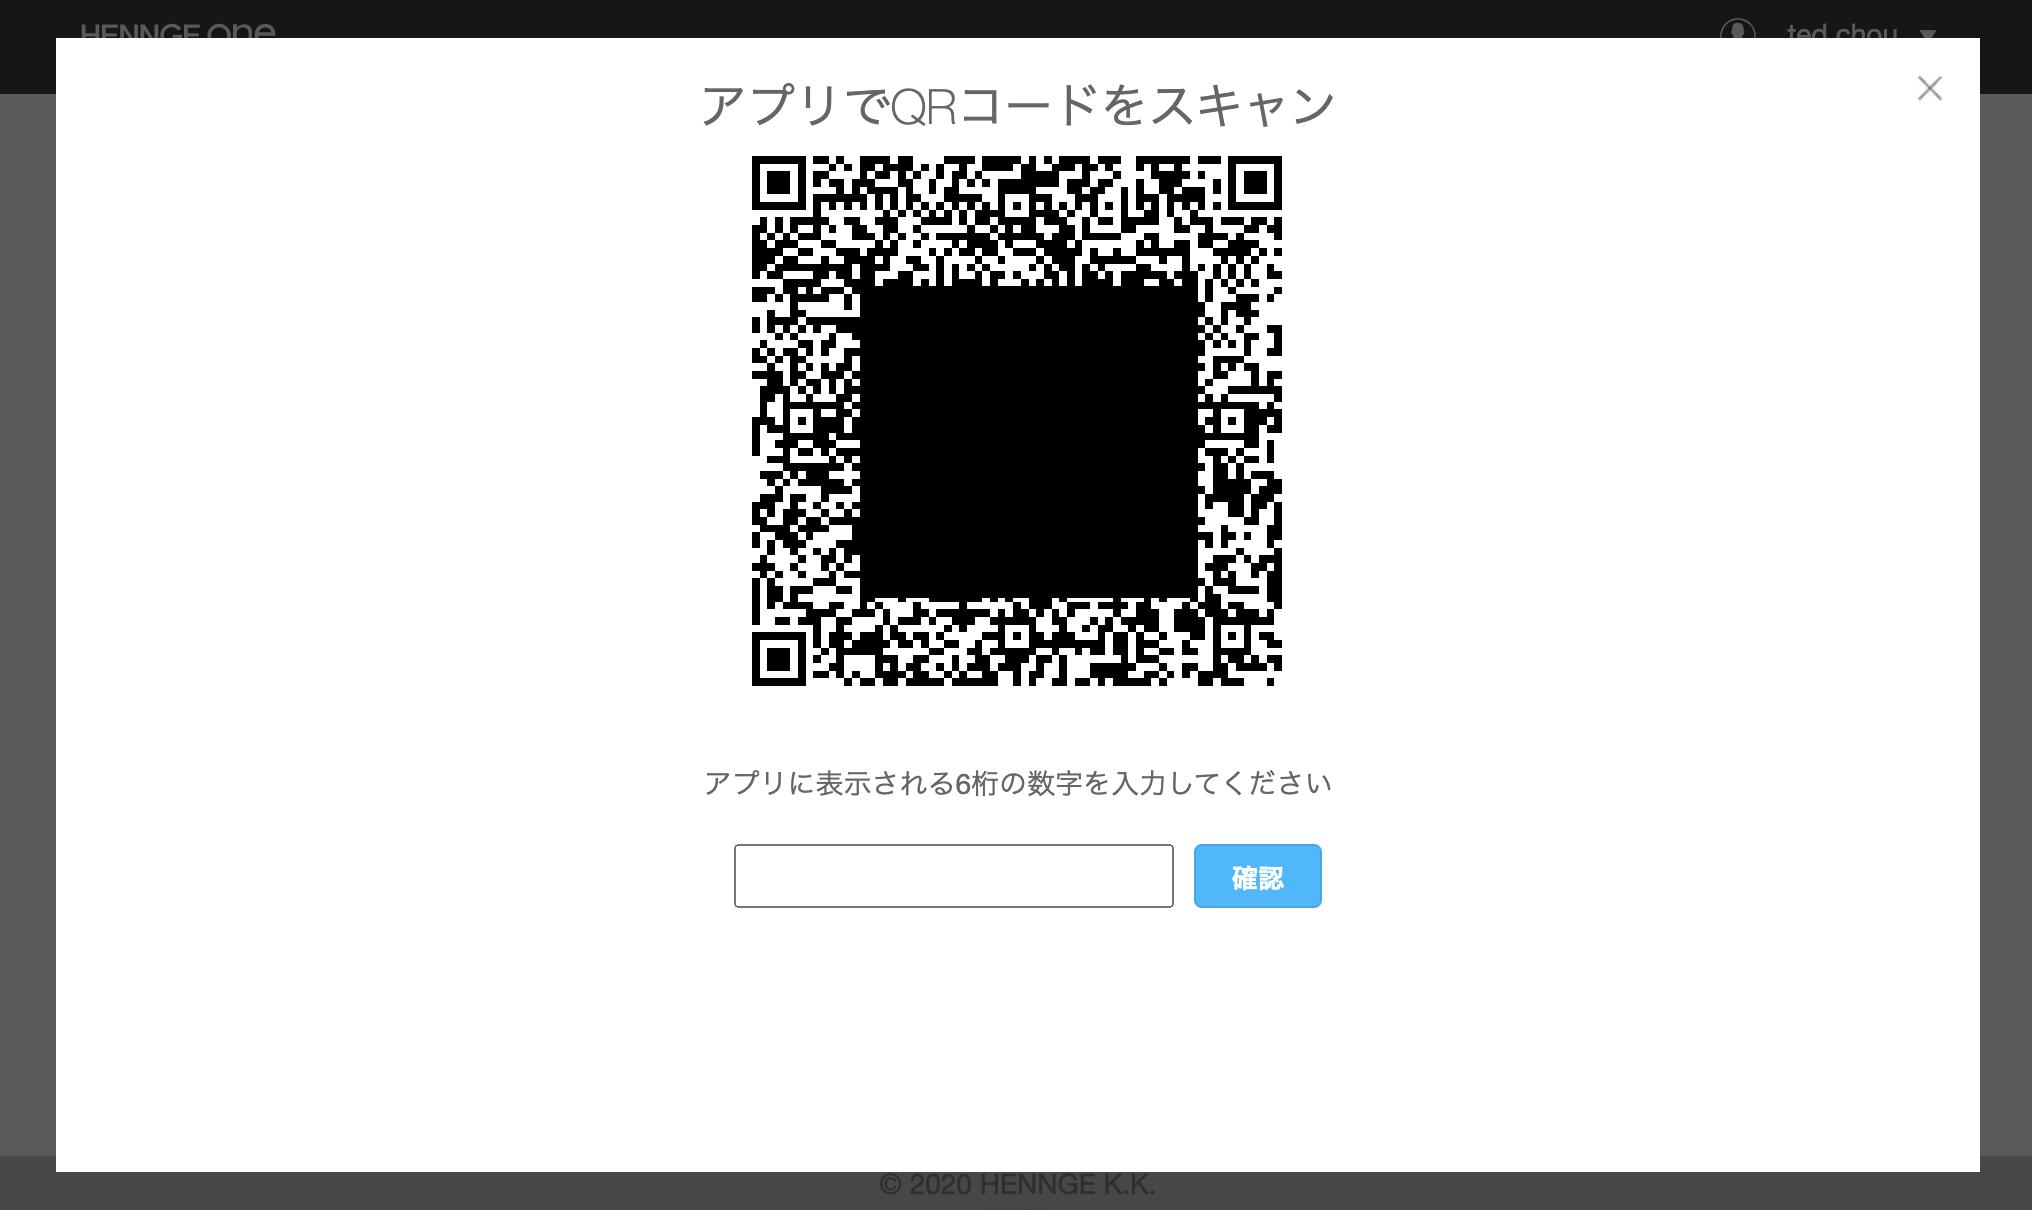 Screen_Shot_2020-10-06_at_16.14.35.png